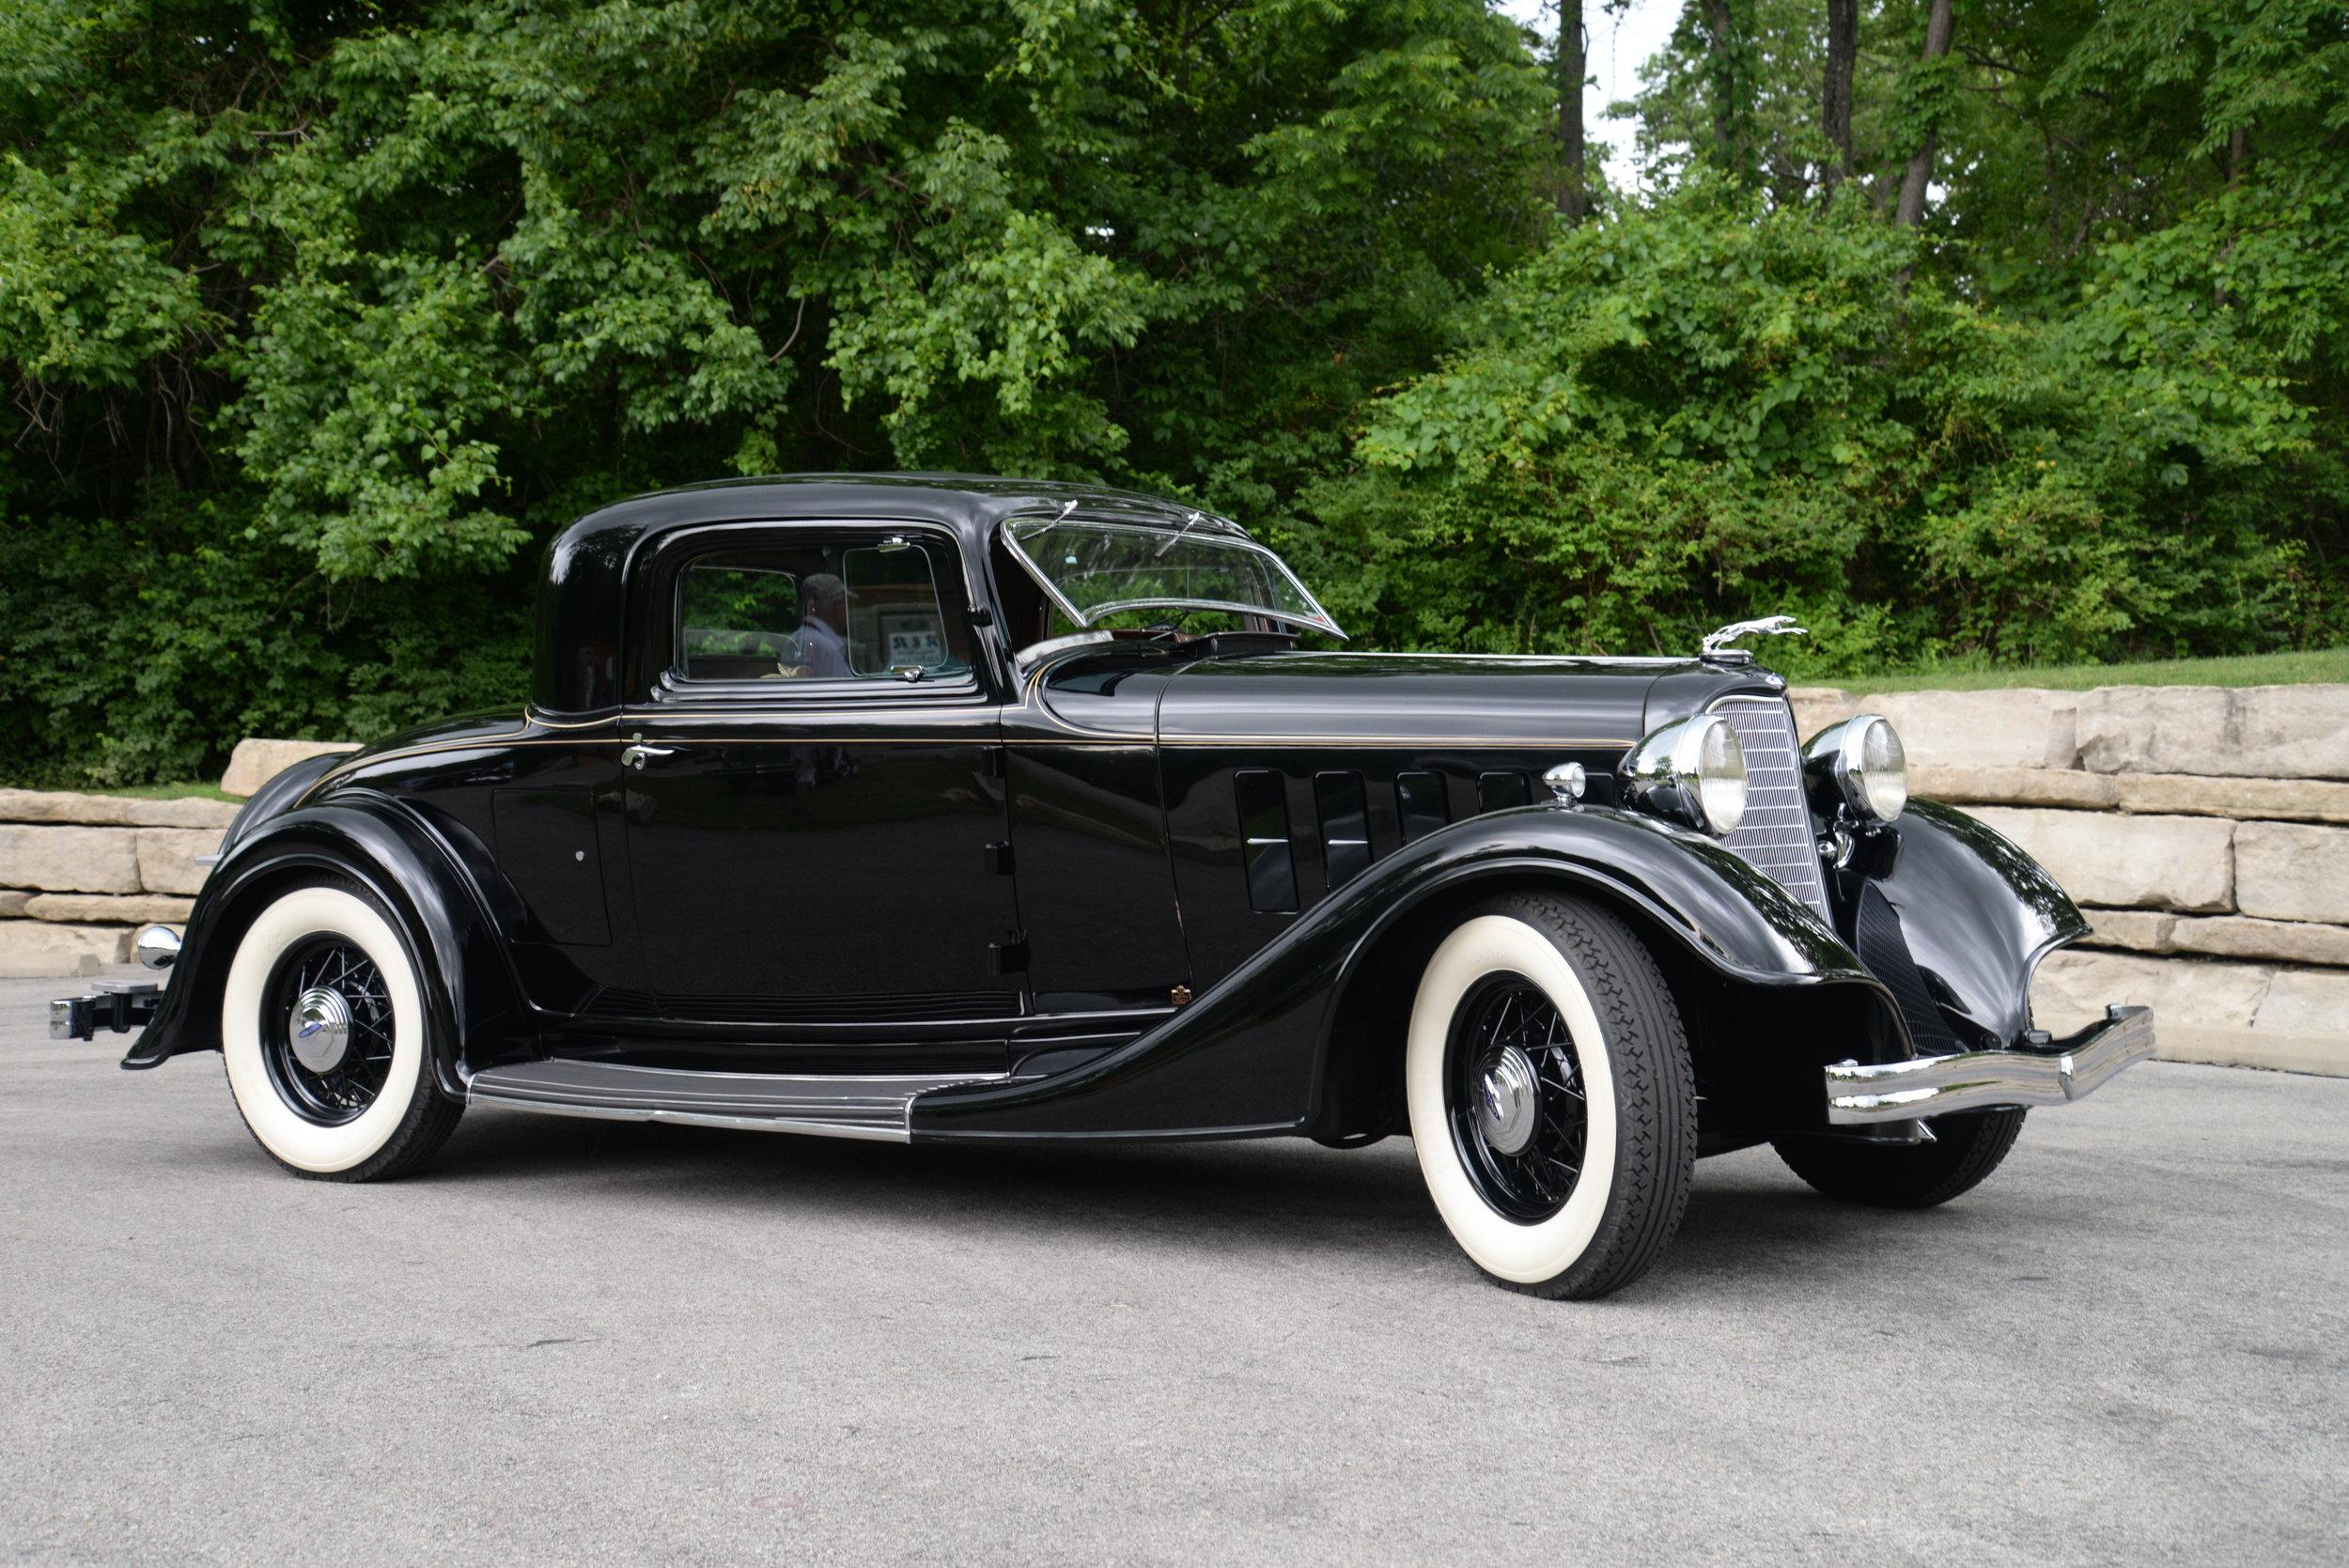 Bill Mehard's rare 1934 Lincoln KA Coupe